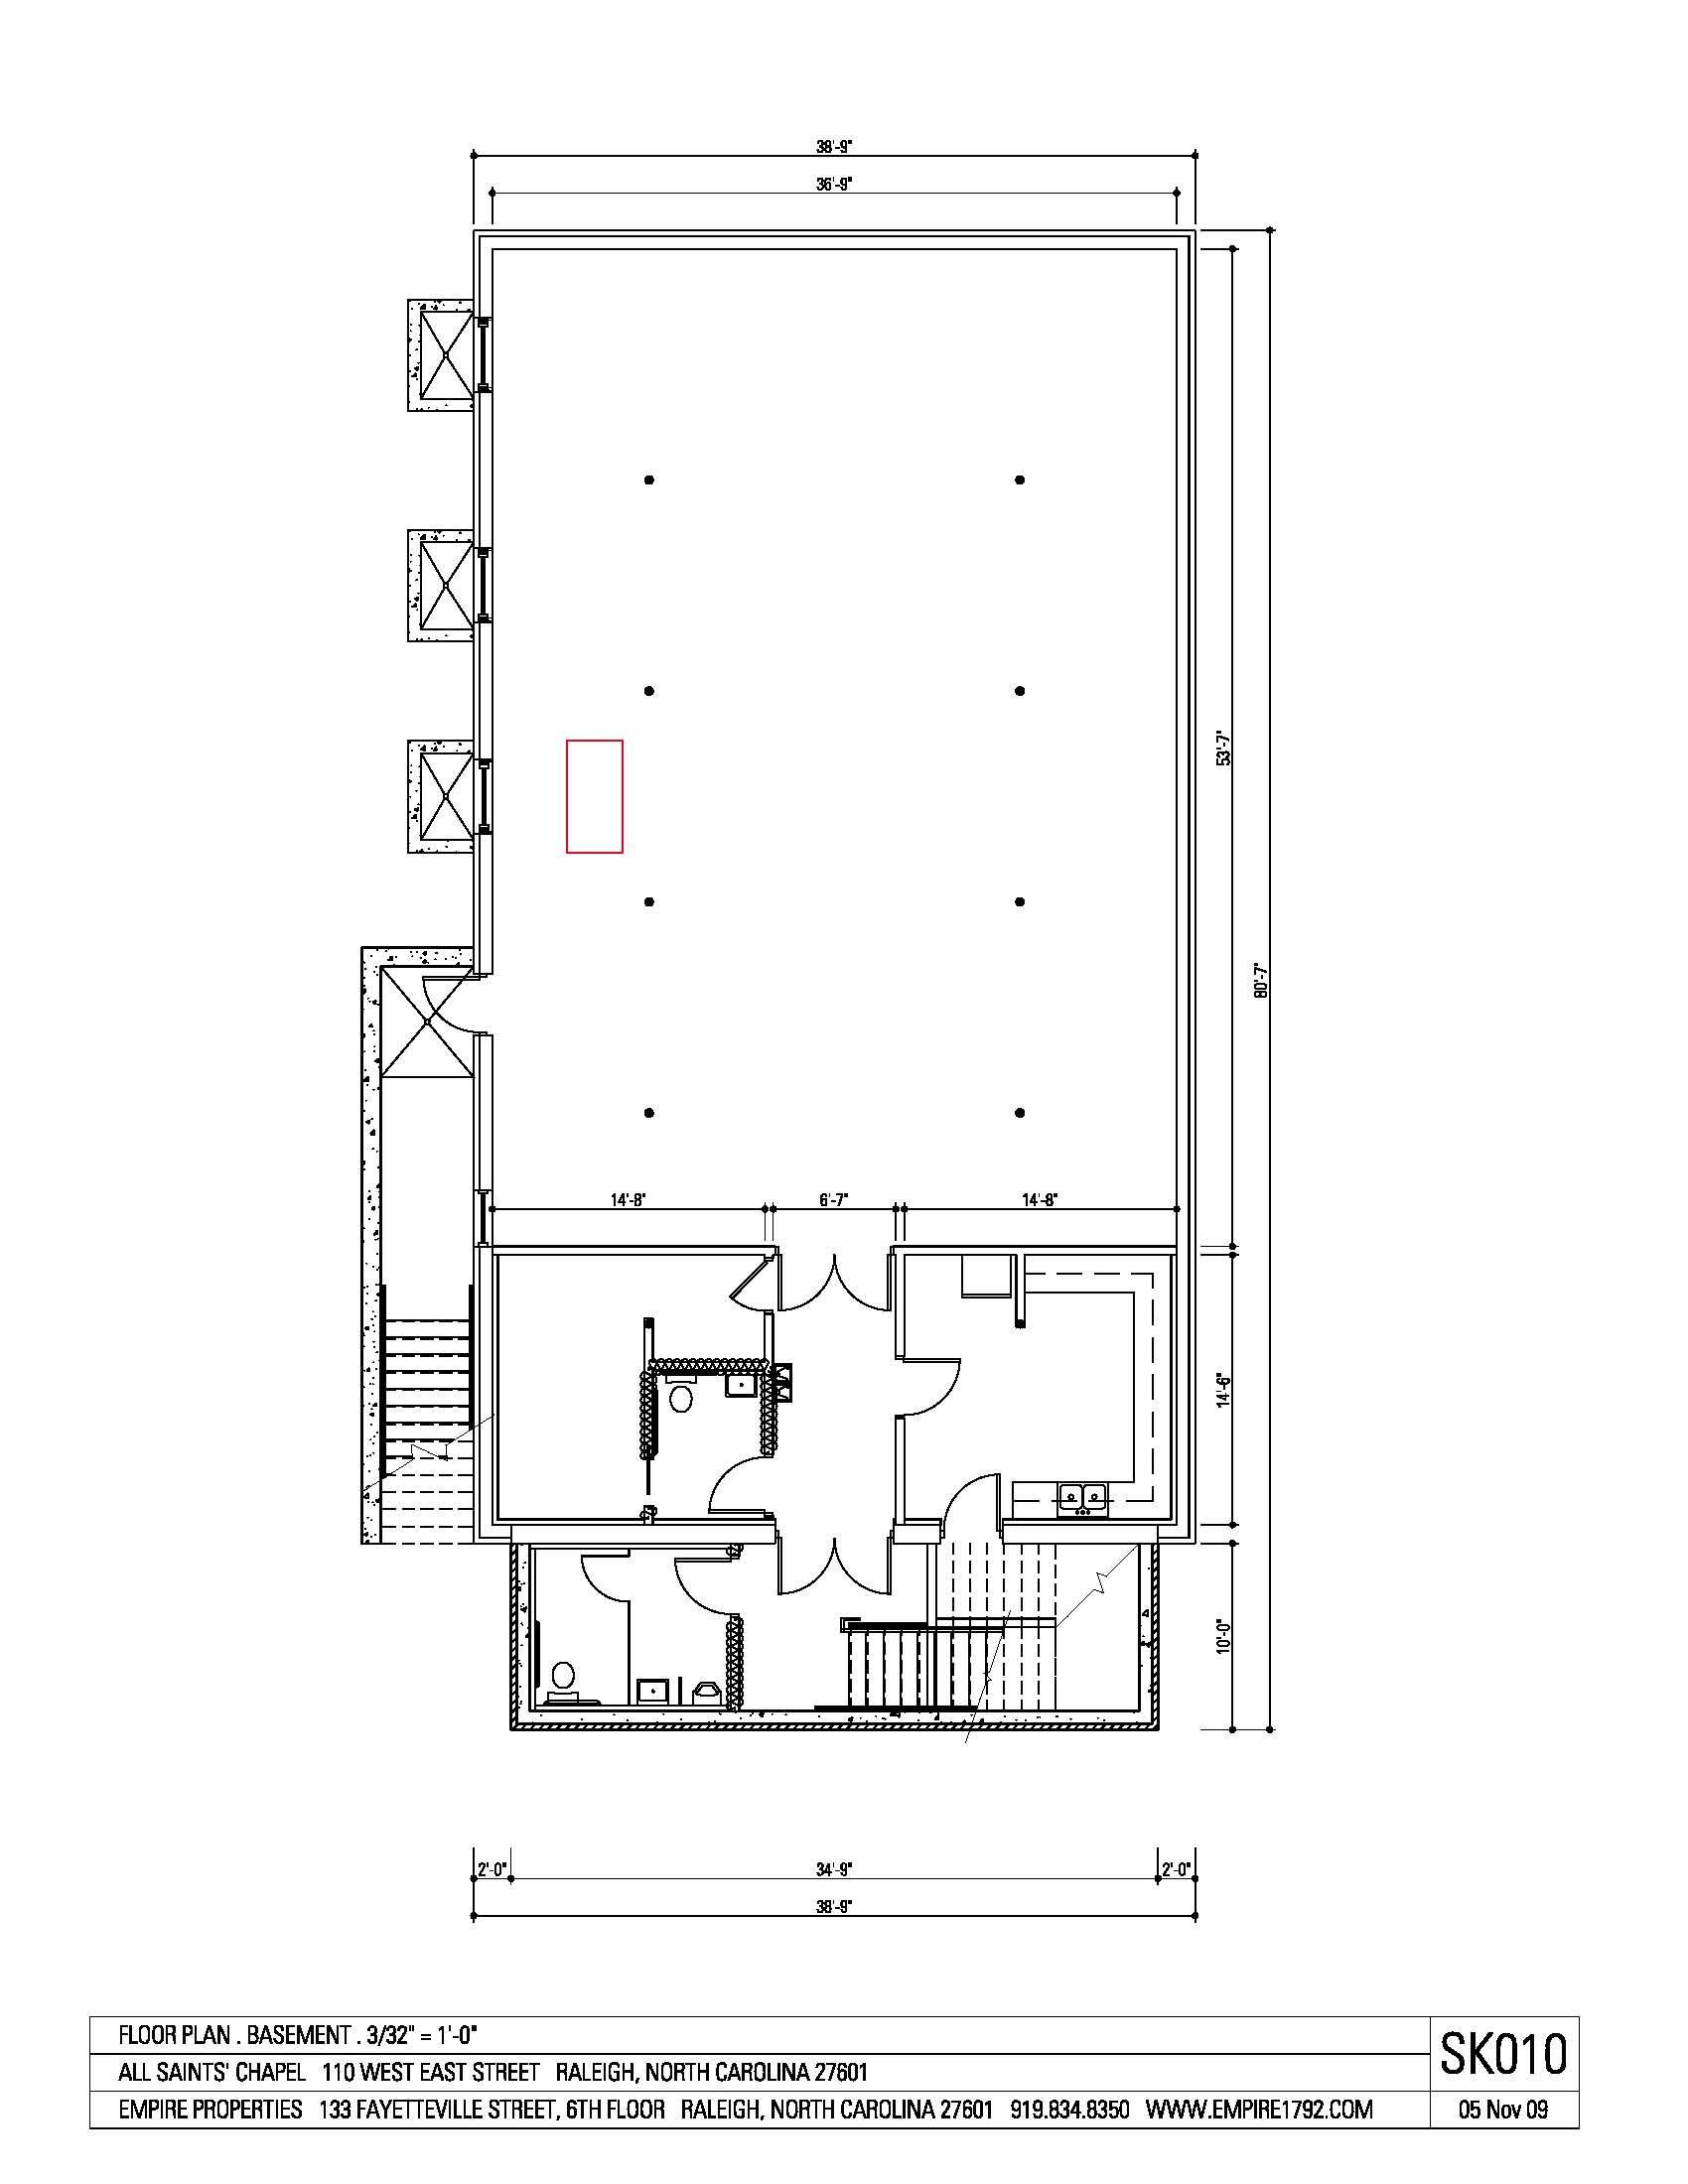 Wedding chapel floor plans joy studio design gallery for Wedding floor plan